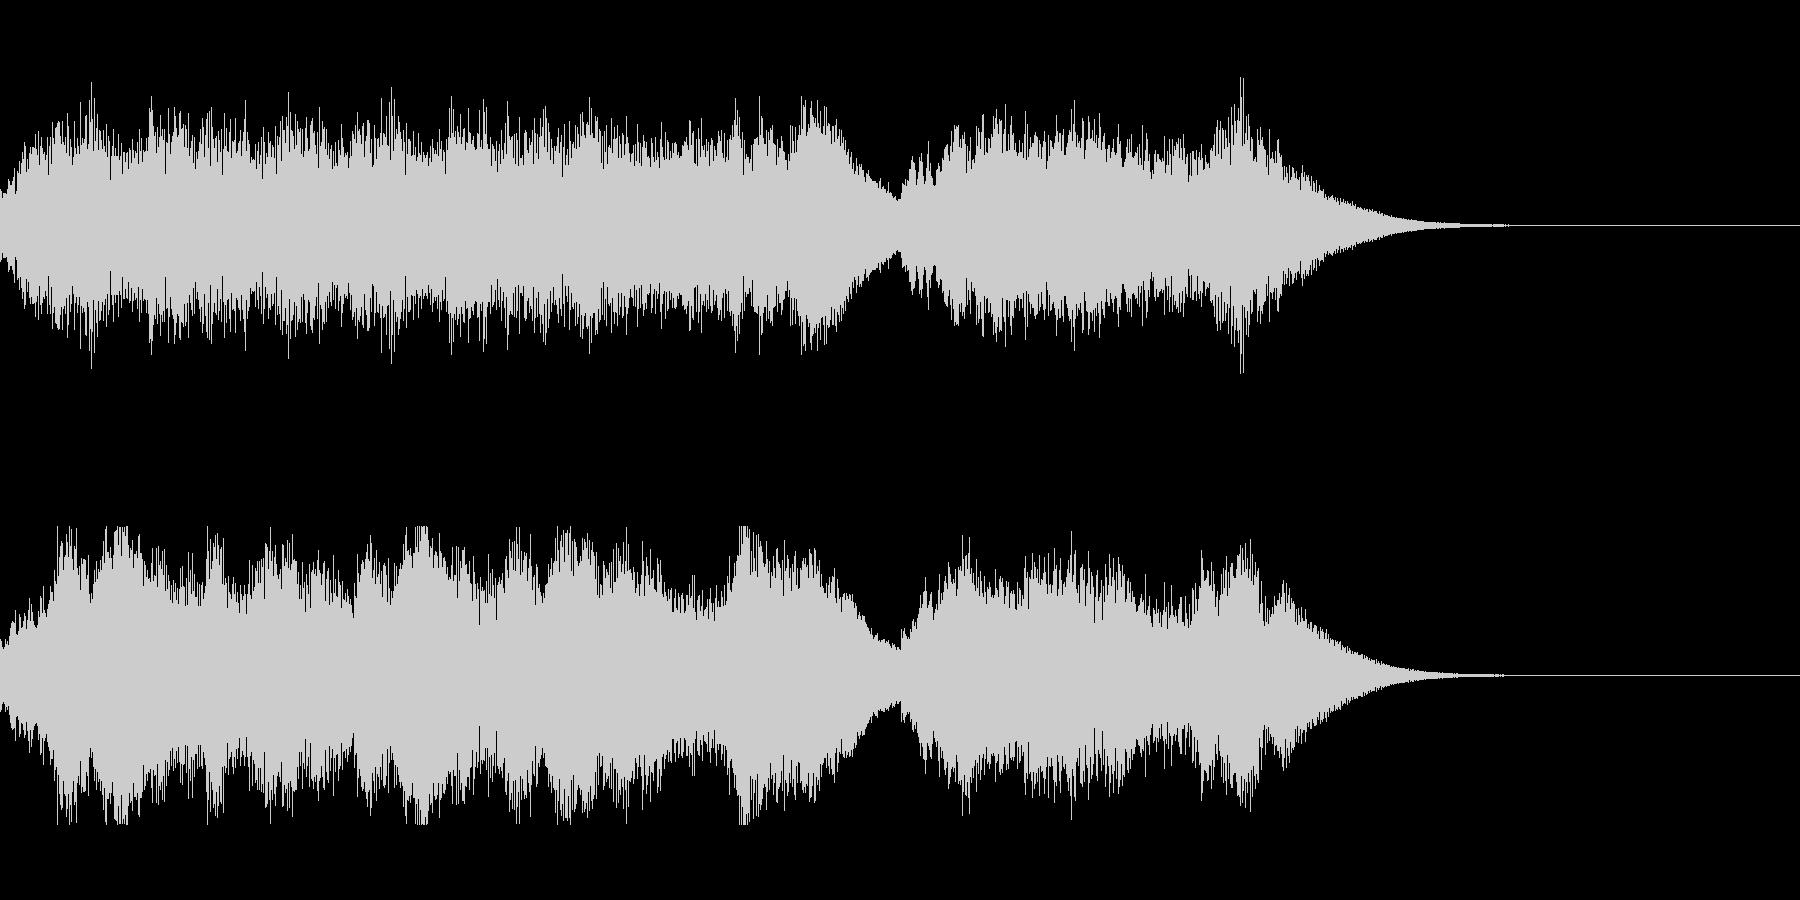 発車メロディ5の未再生の波形